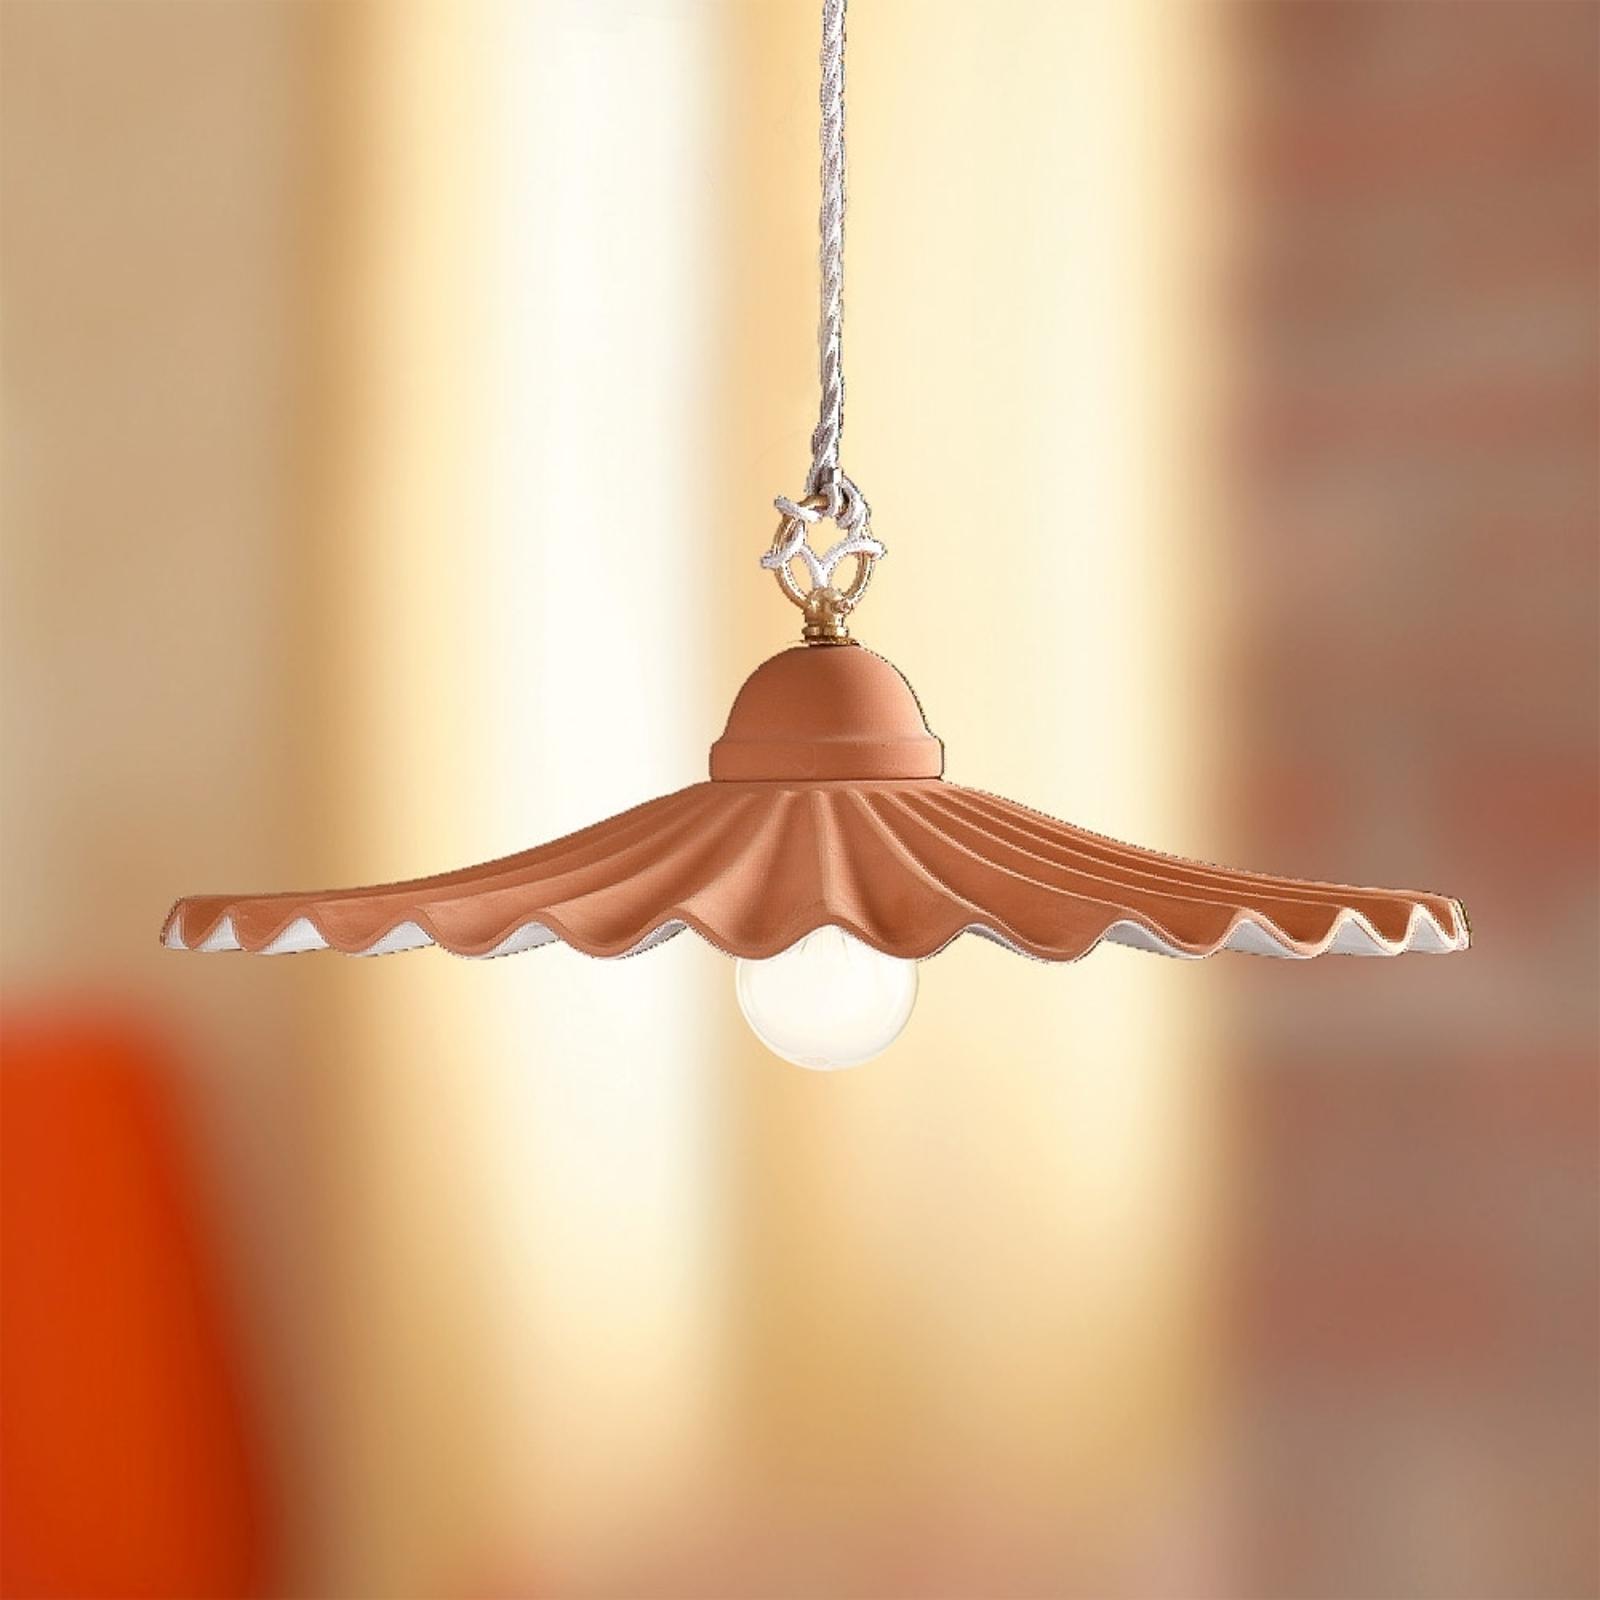 Lampa wisząca ARGILLA w stylu dworkowym 43 cm